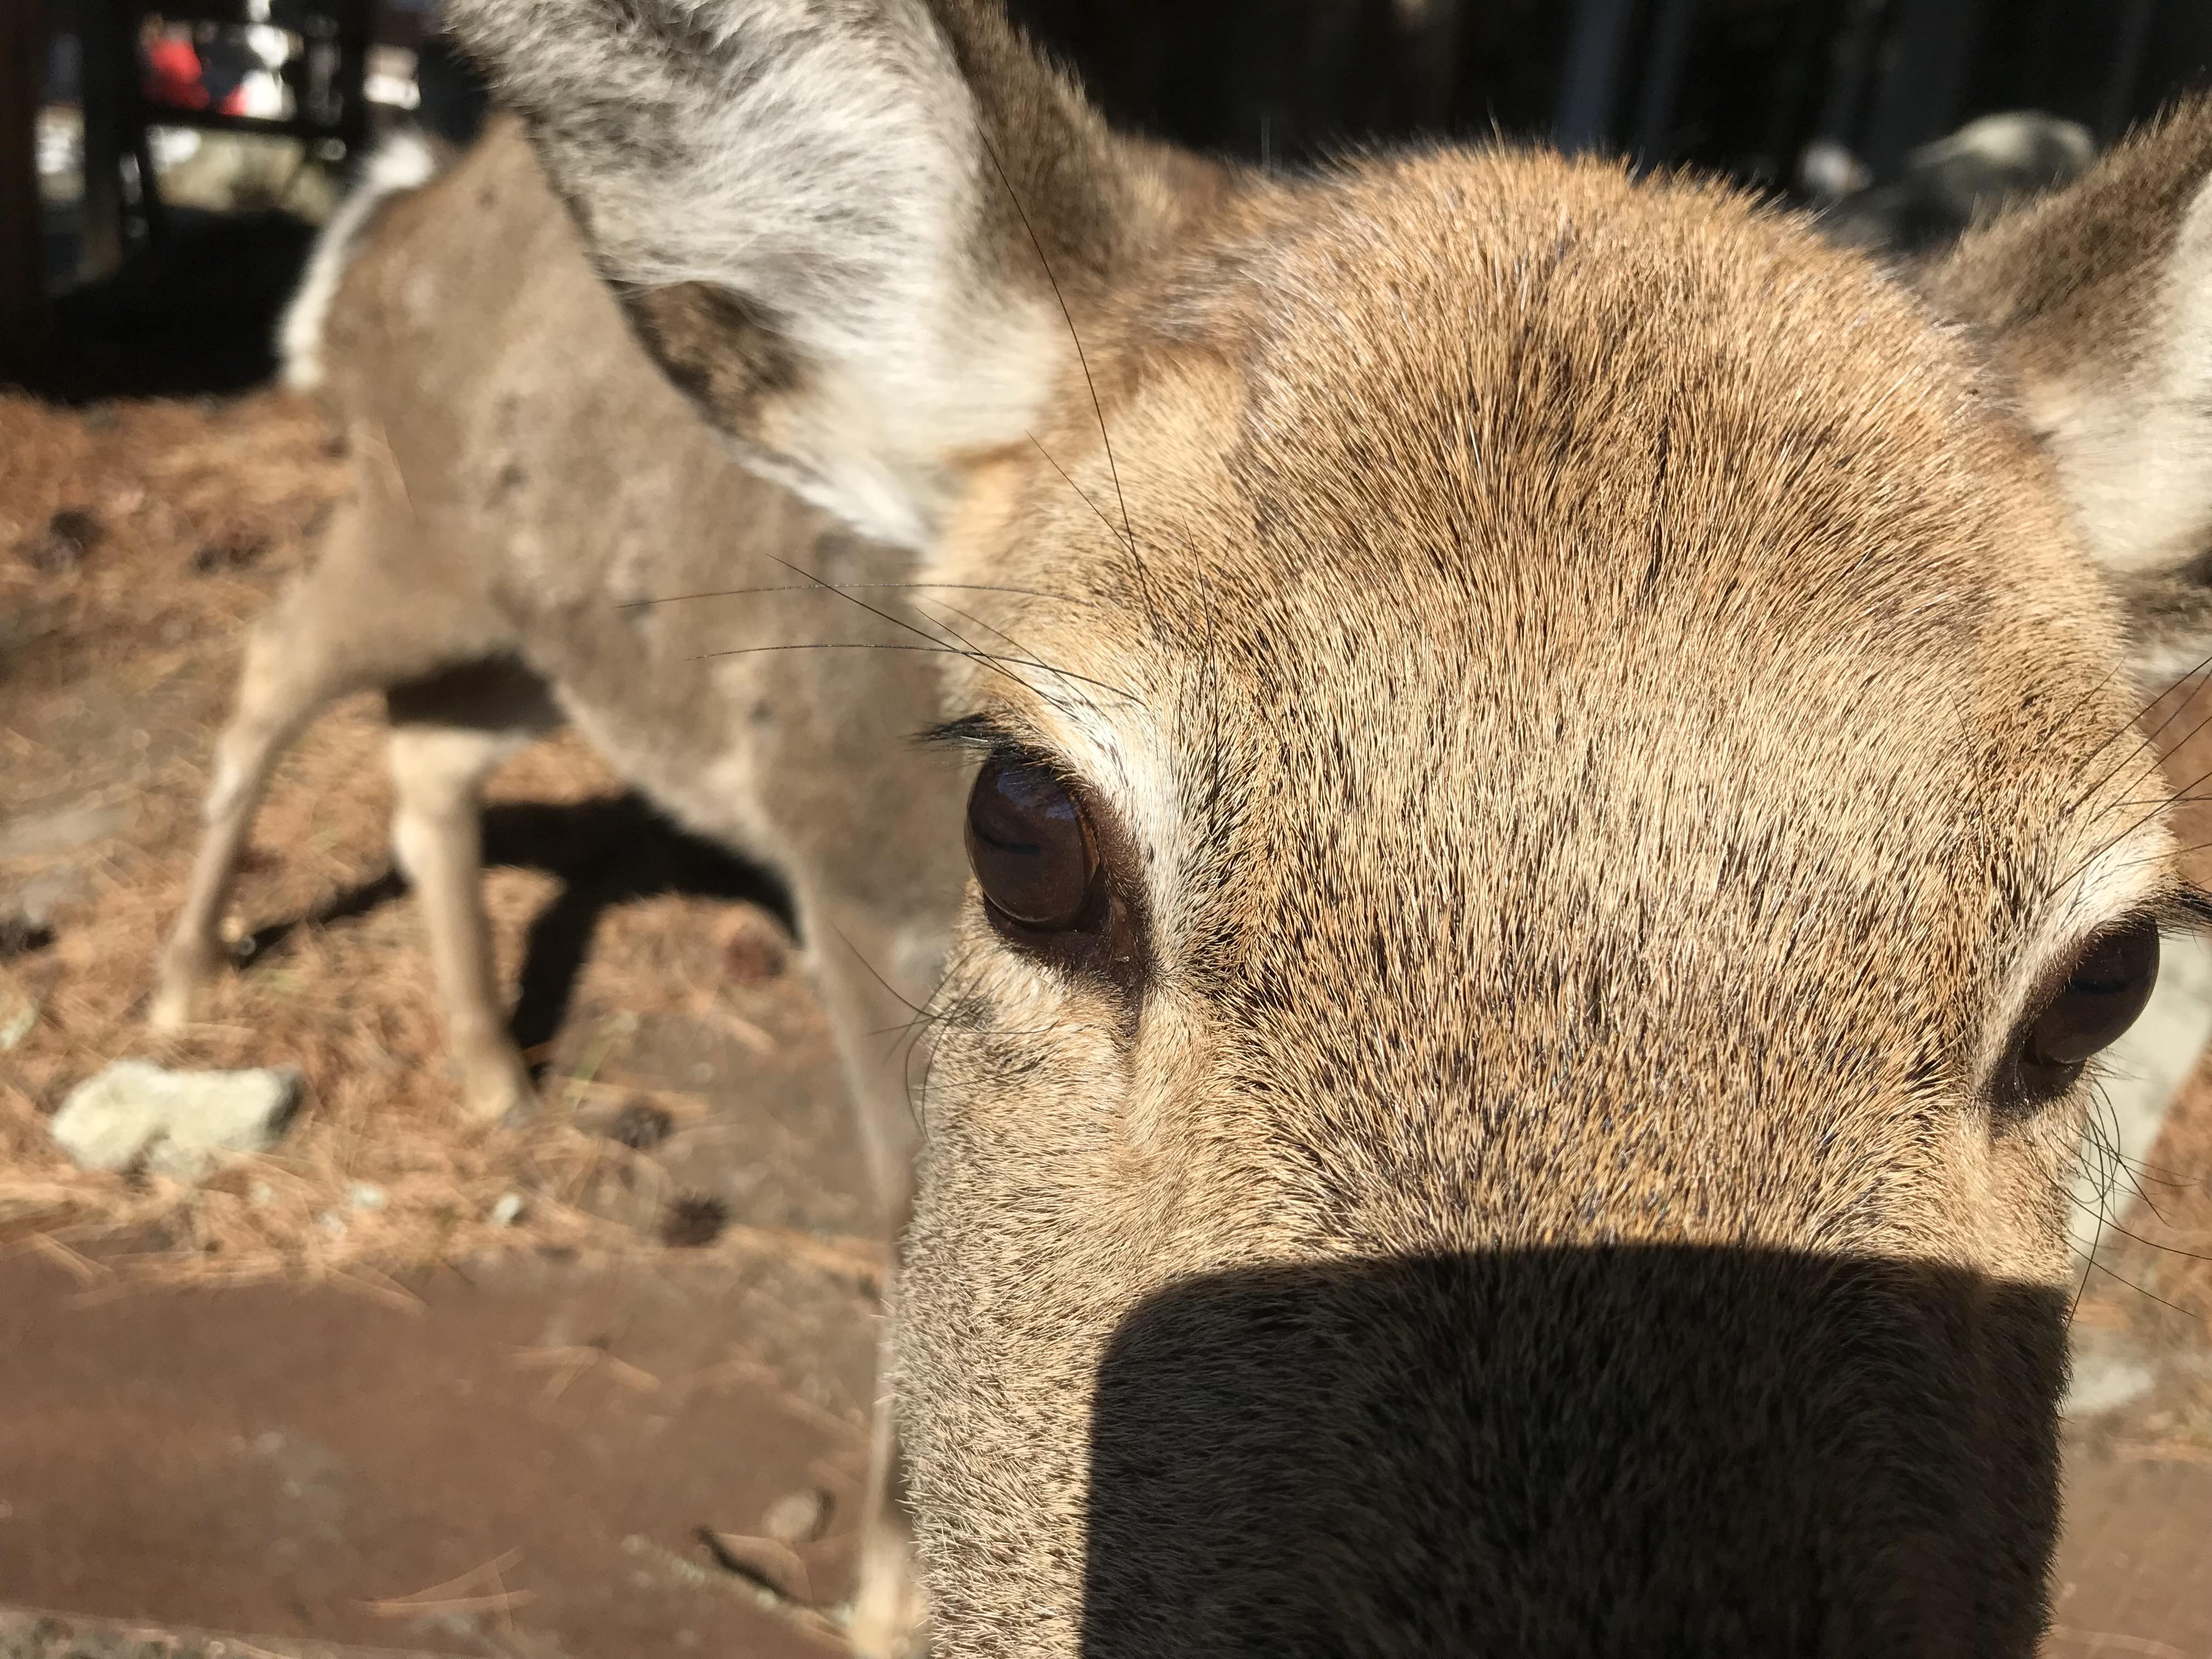 金華山行ってみた、鹿ちゃんとゴマキ奉納